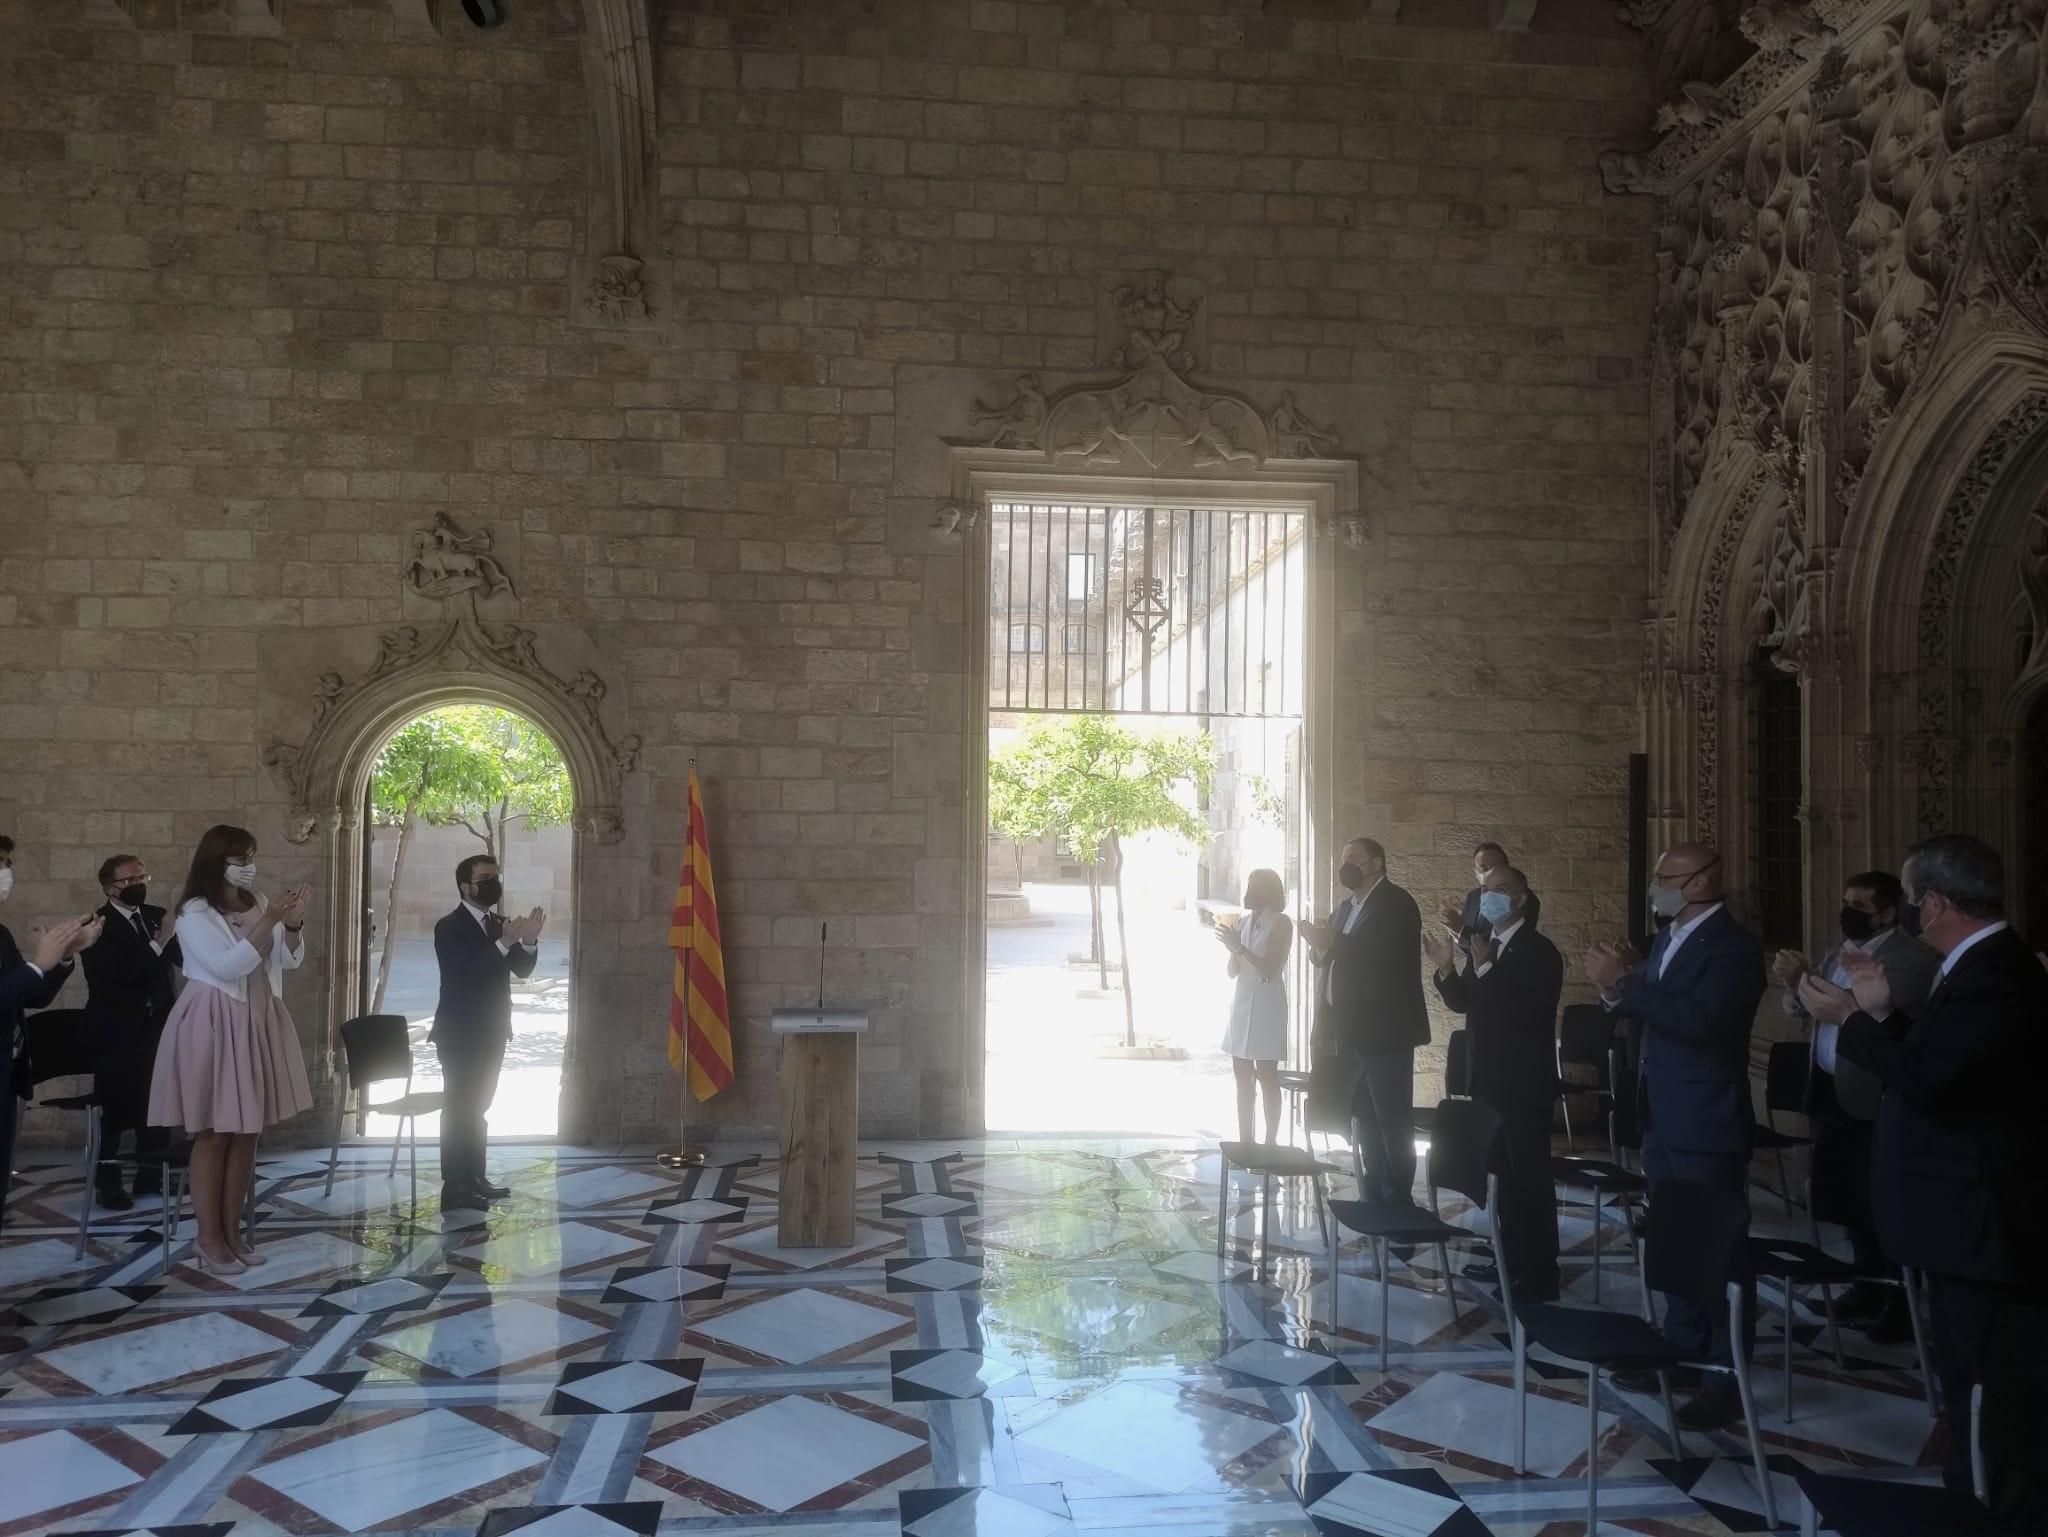 El Govern ha recibido este lunes a los indultados del 1-O en el Palau de la Generalitat EUROPA PRESS 28/6/2021